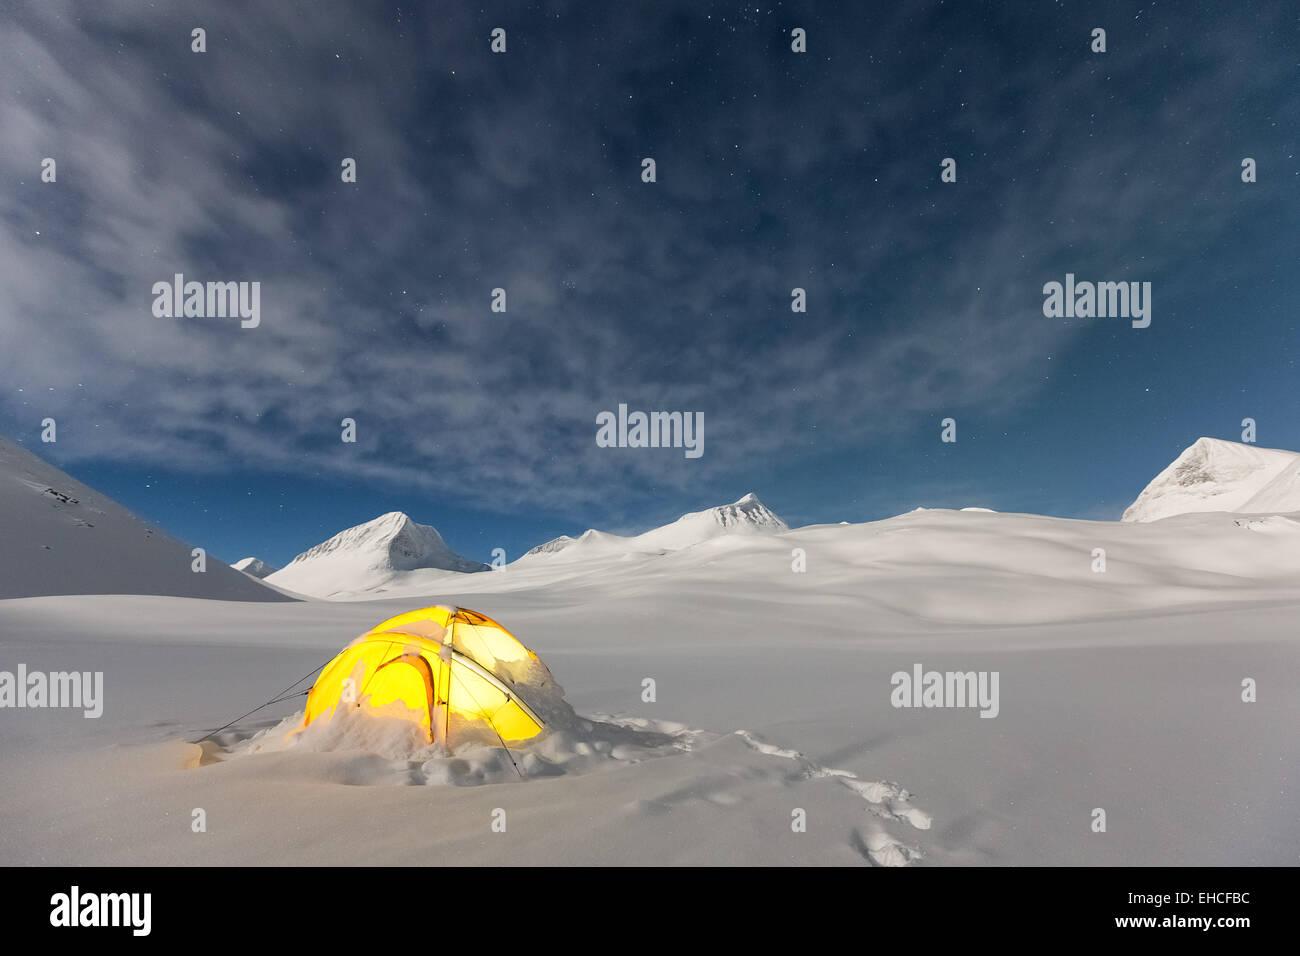 Campeggio invernale accanto al deserto Nallostugan capanna, Kebnekaise area di montagna, Kiruna, Svezia, Europa Immagini Stock